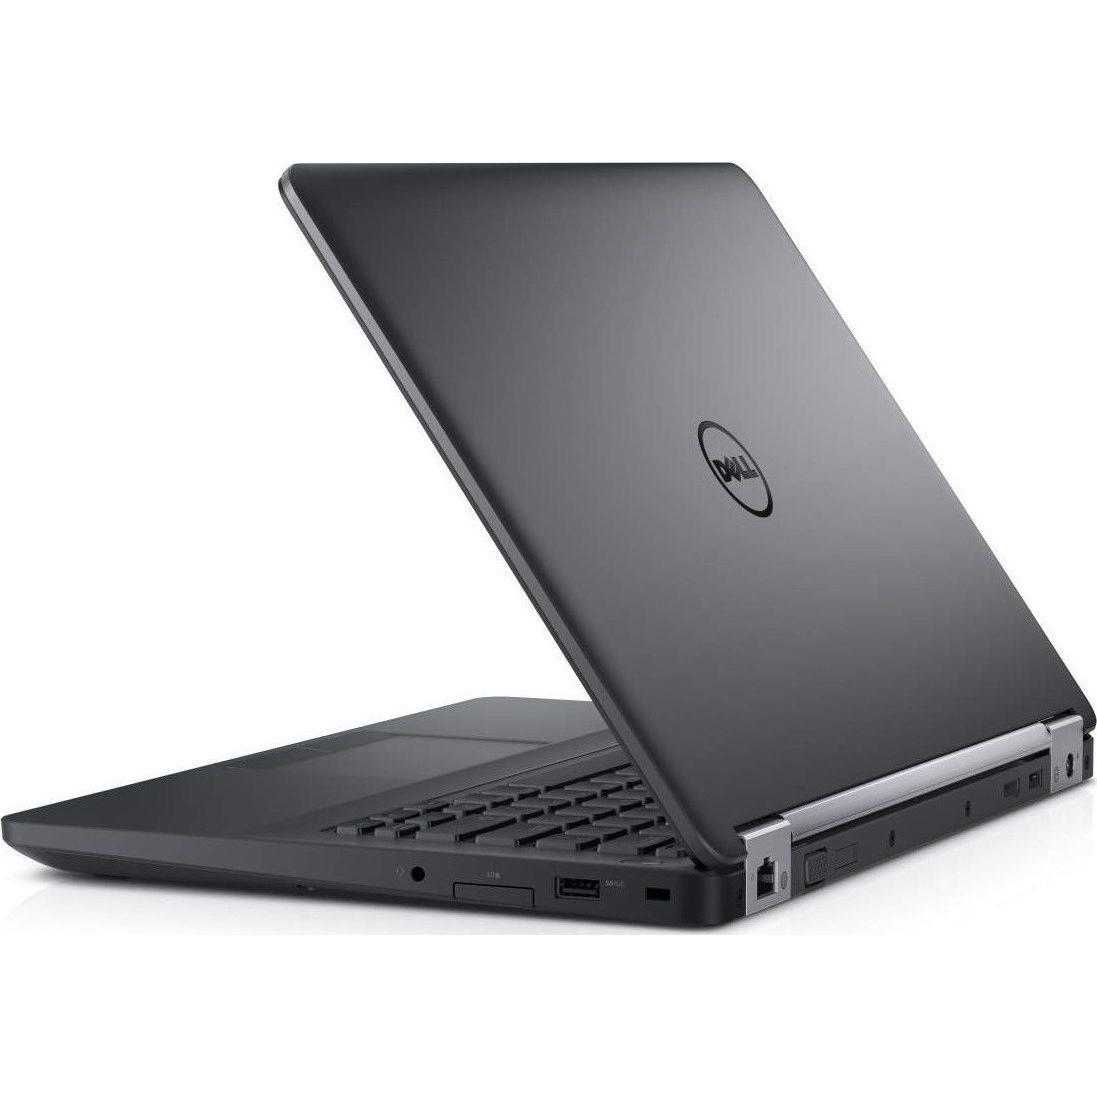 Dell Latitude E5470 14-inch (2016) - Core i7-6820HQ - 16 GB - SSD 512 GB